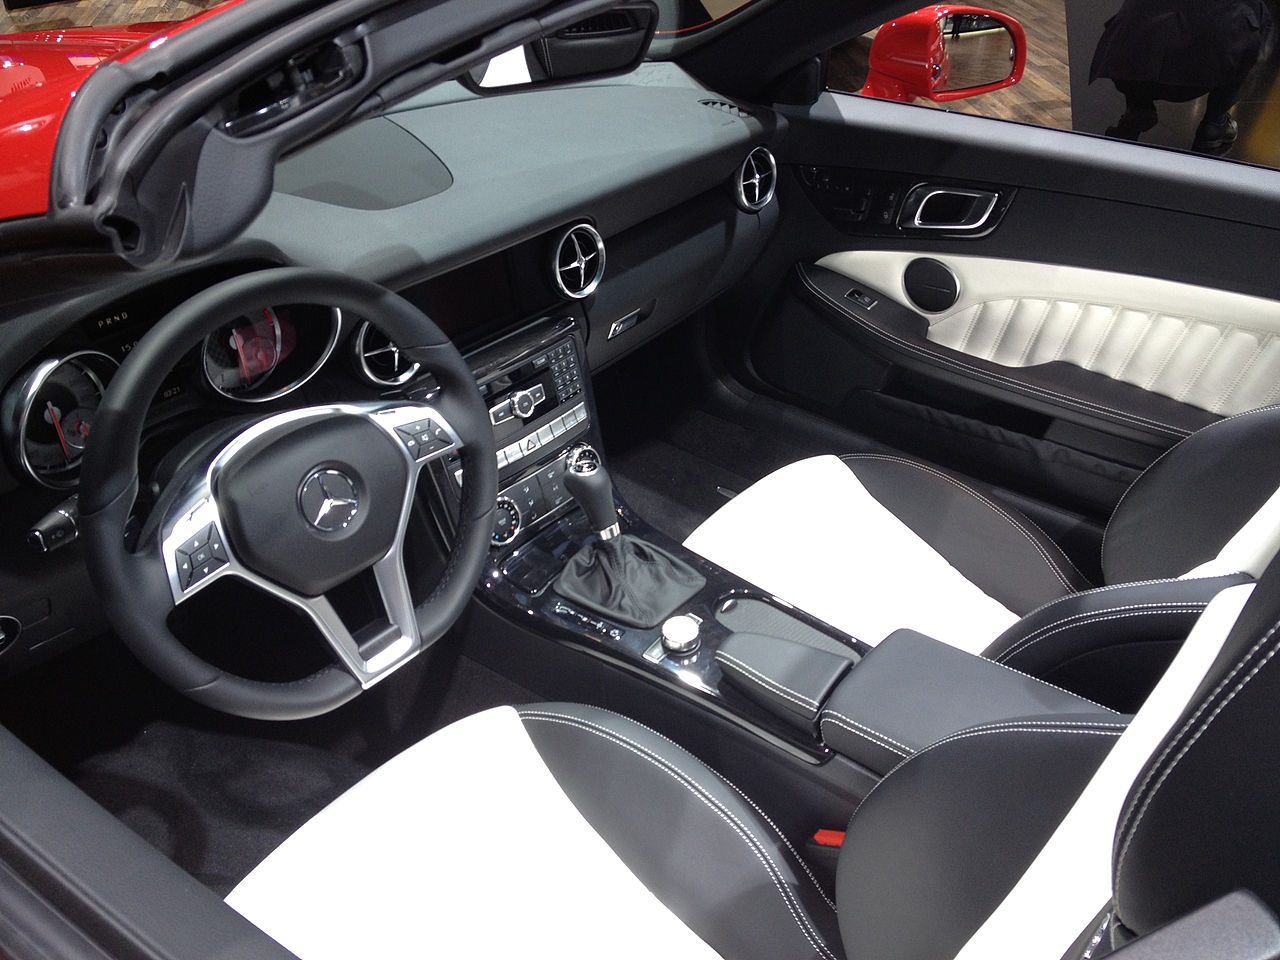 Mercedes benz slk 250 wikipedia for 2013 mercedes benz slk 250 price